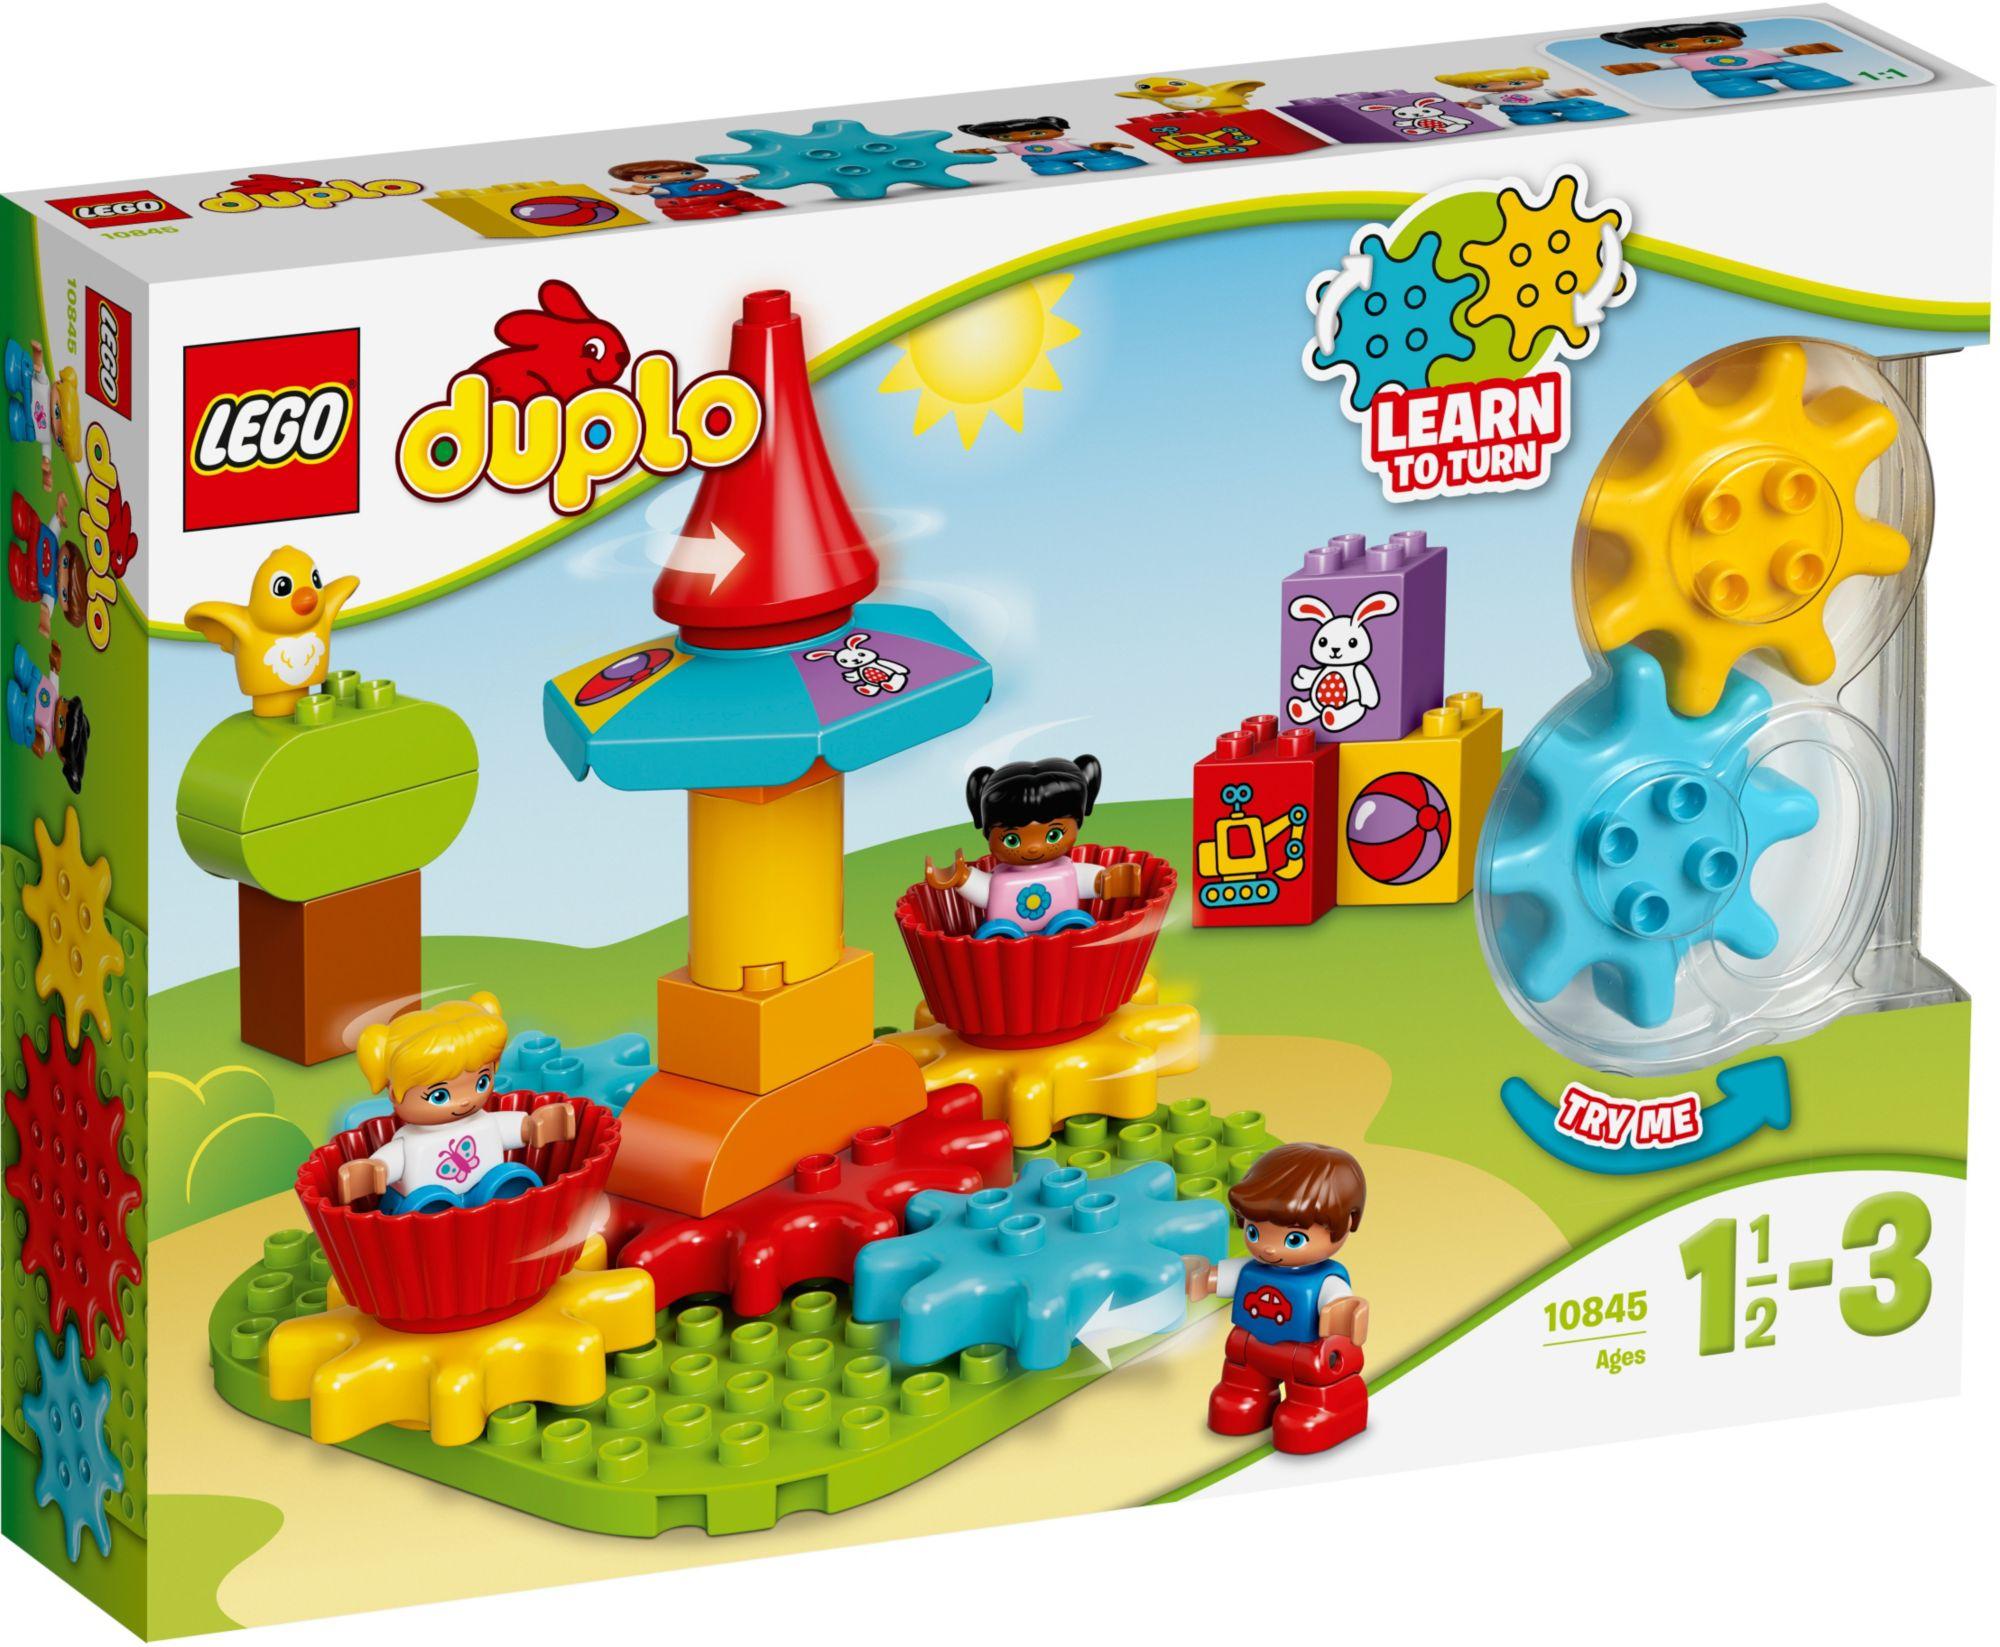 LEGO® 10845 DUPLO Mein erstes Karussell, Konstruktionsspielzeug